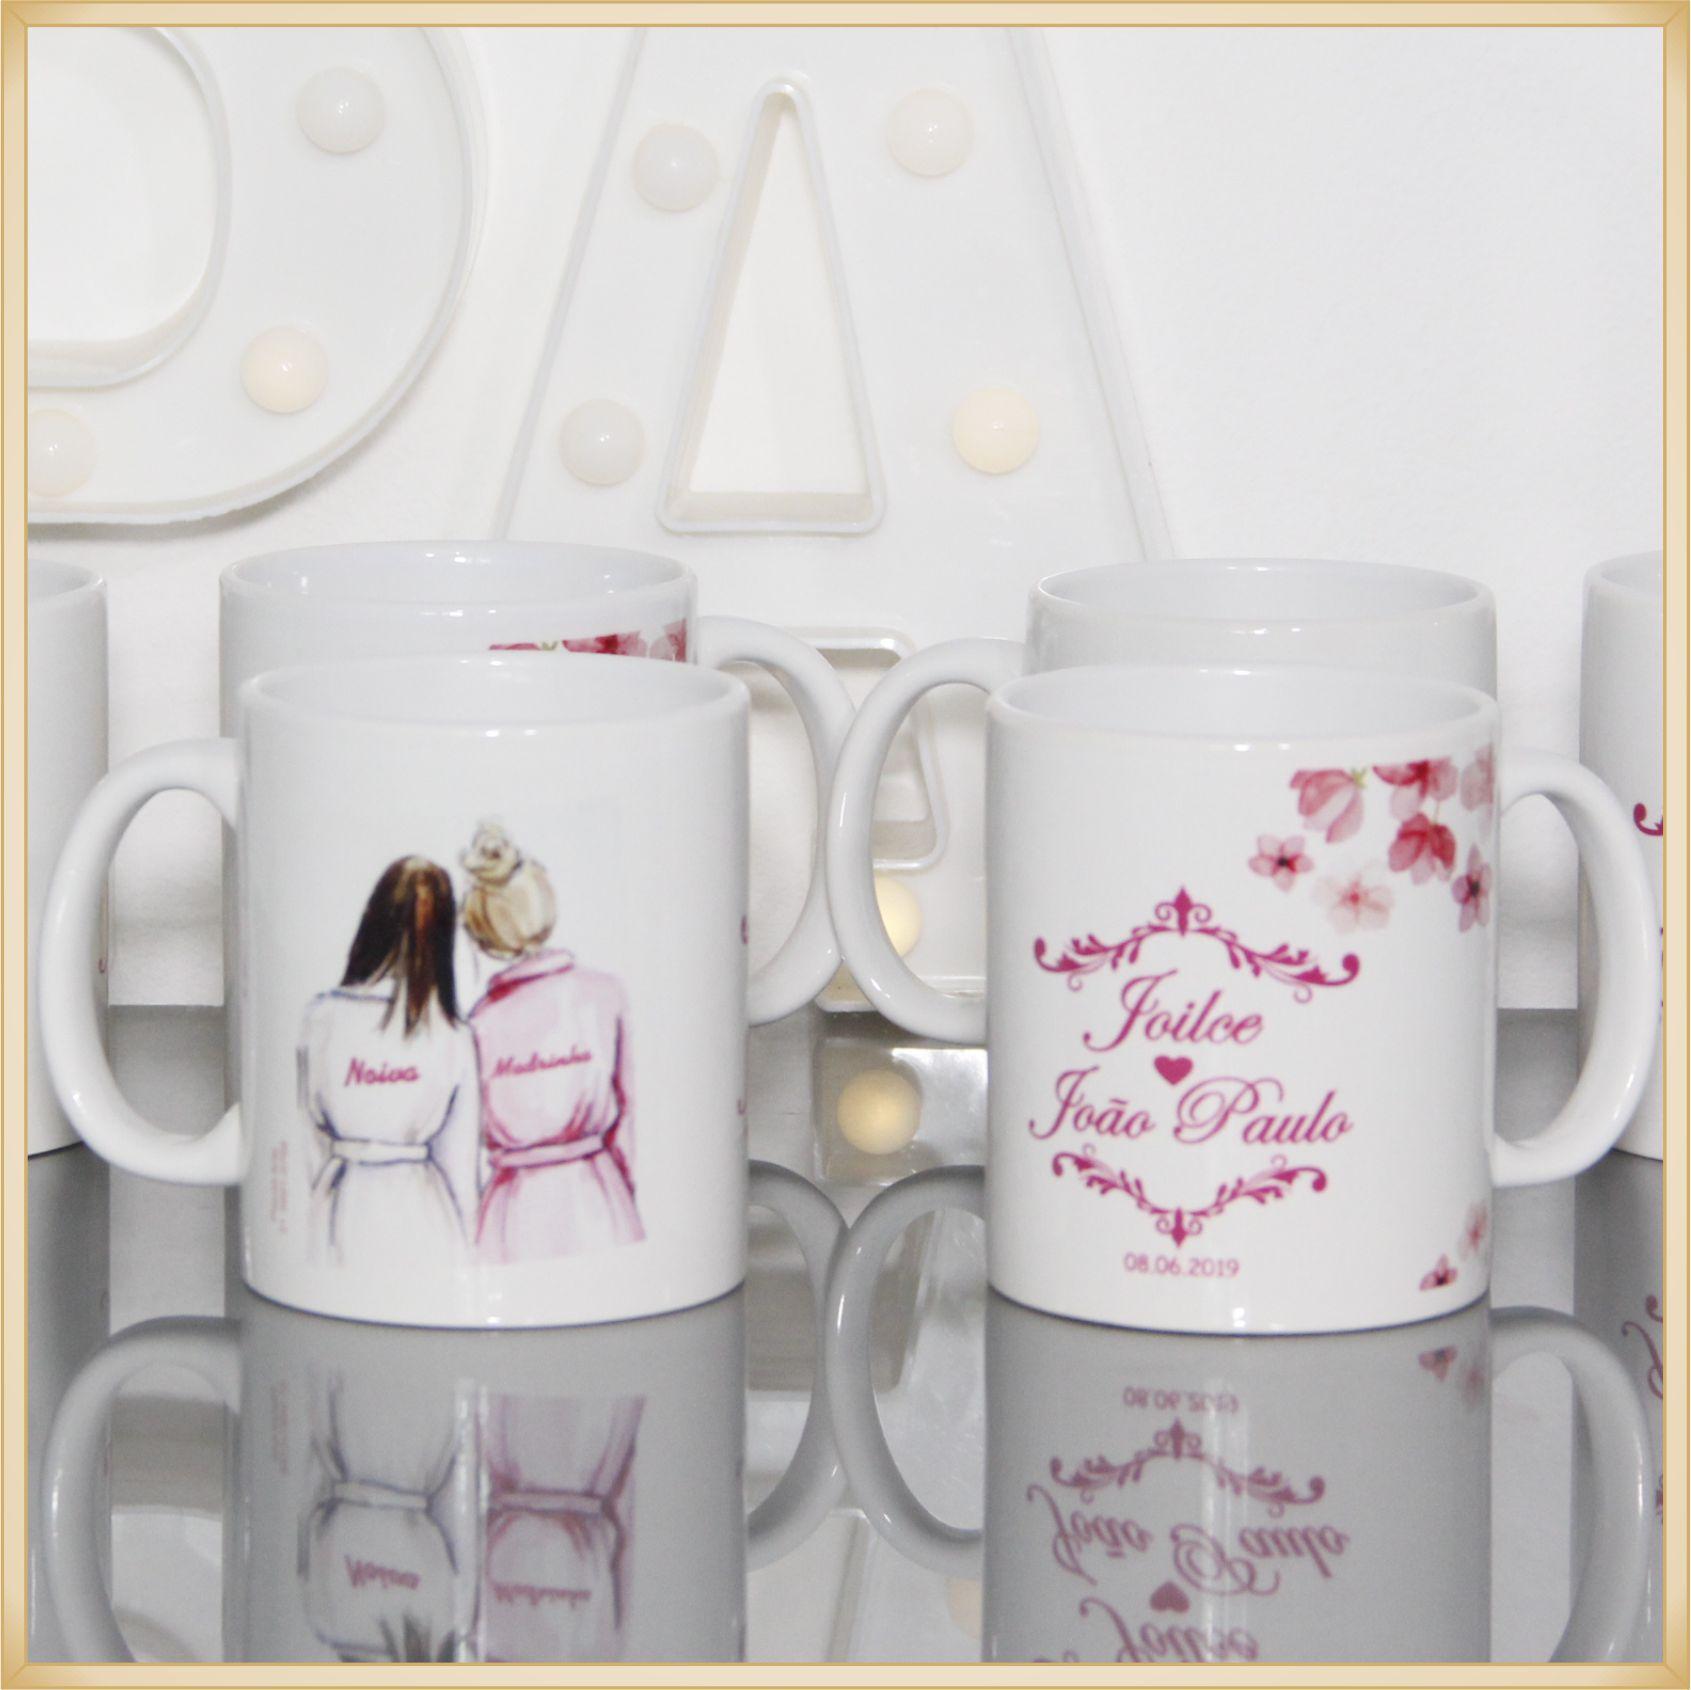 10 Canecas personalizadas de porcelana para madrinhas e padrinhos de casamento